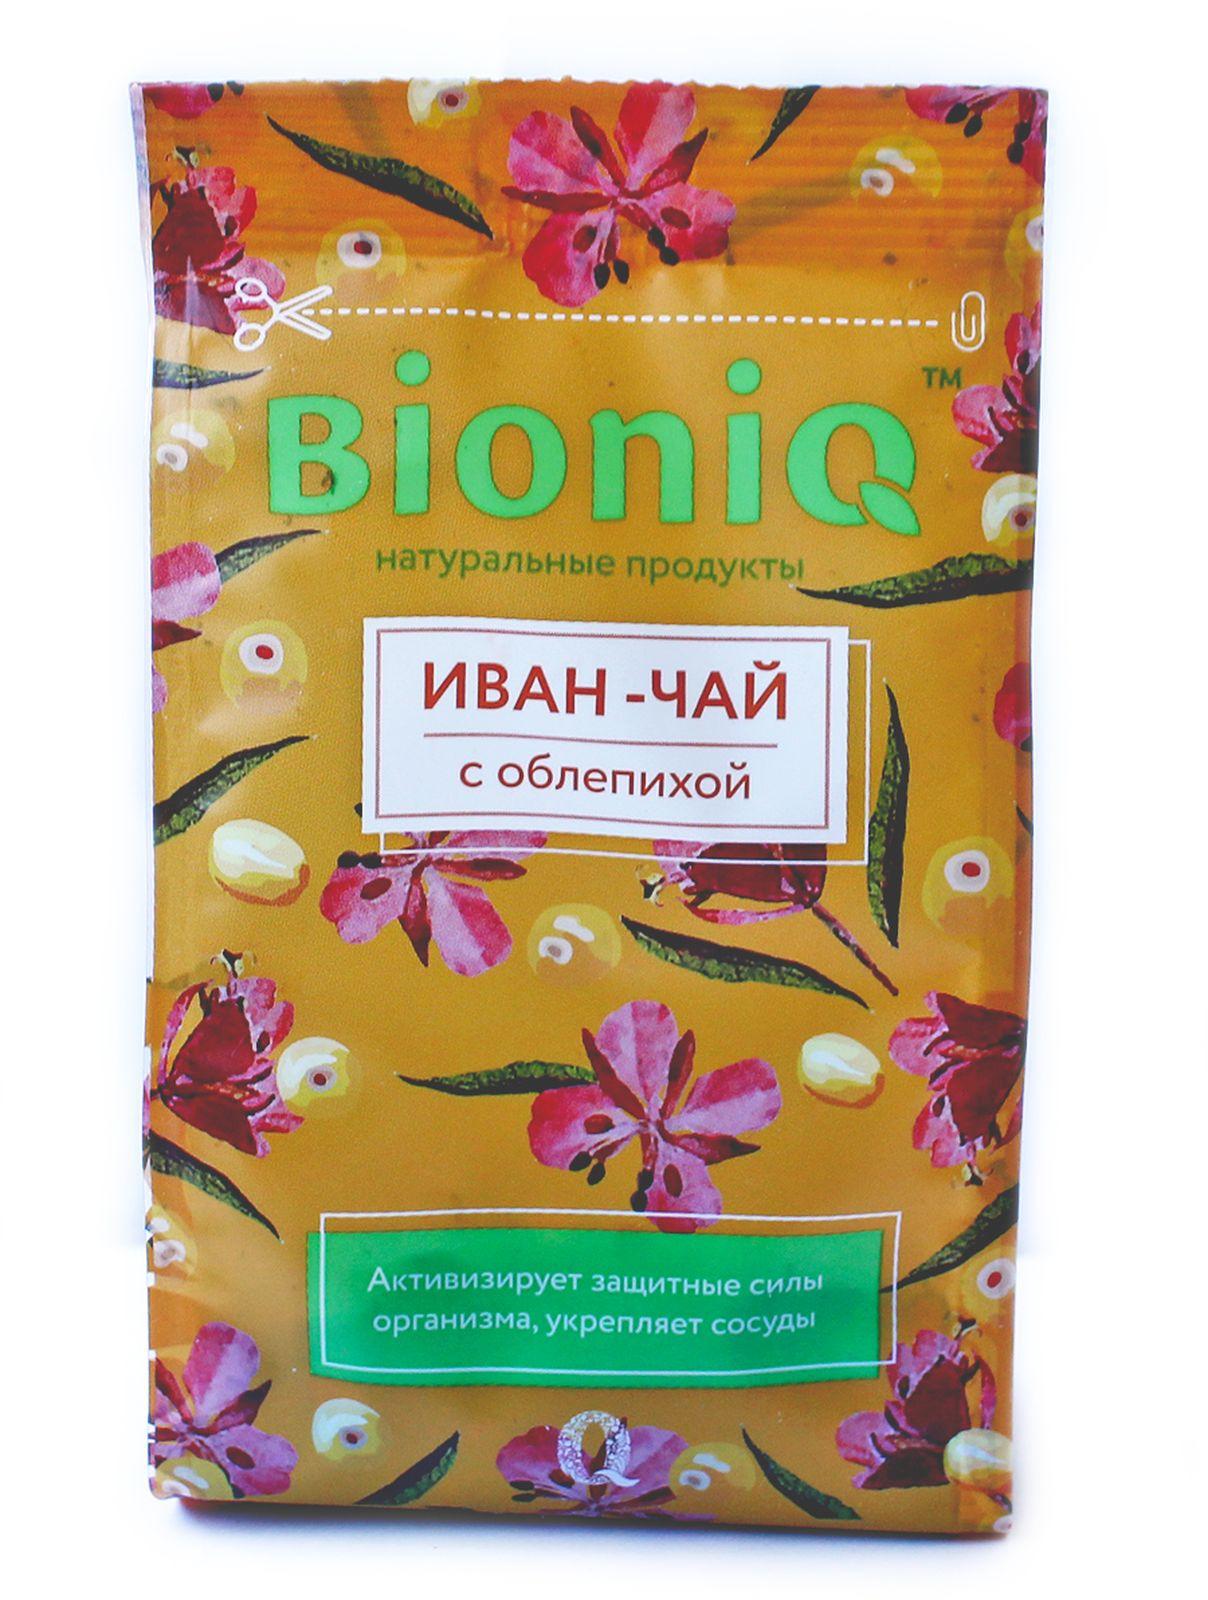 Иван-чай BioniQ, с облепихой, 35 г компот bioniq смородиновый 0 48 0 5 л